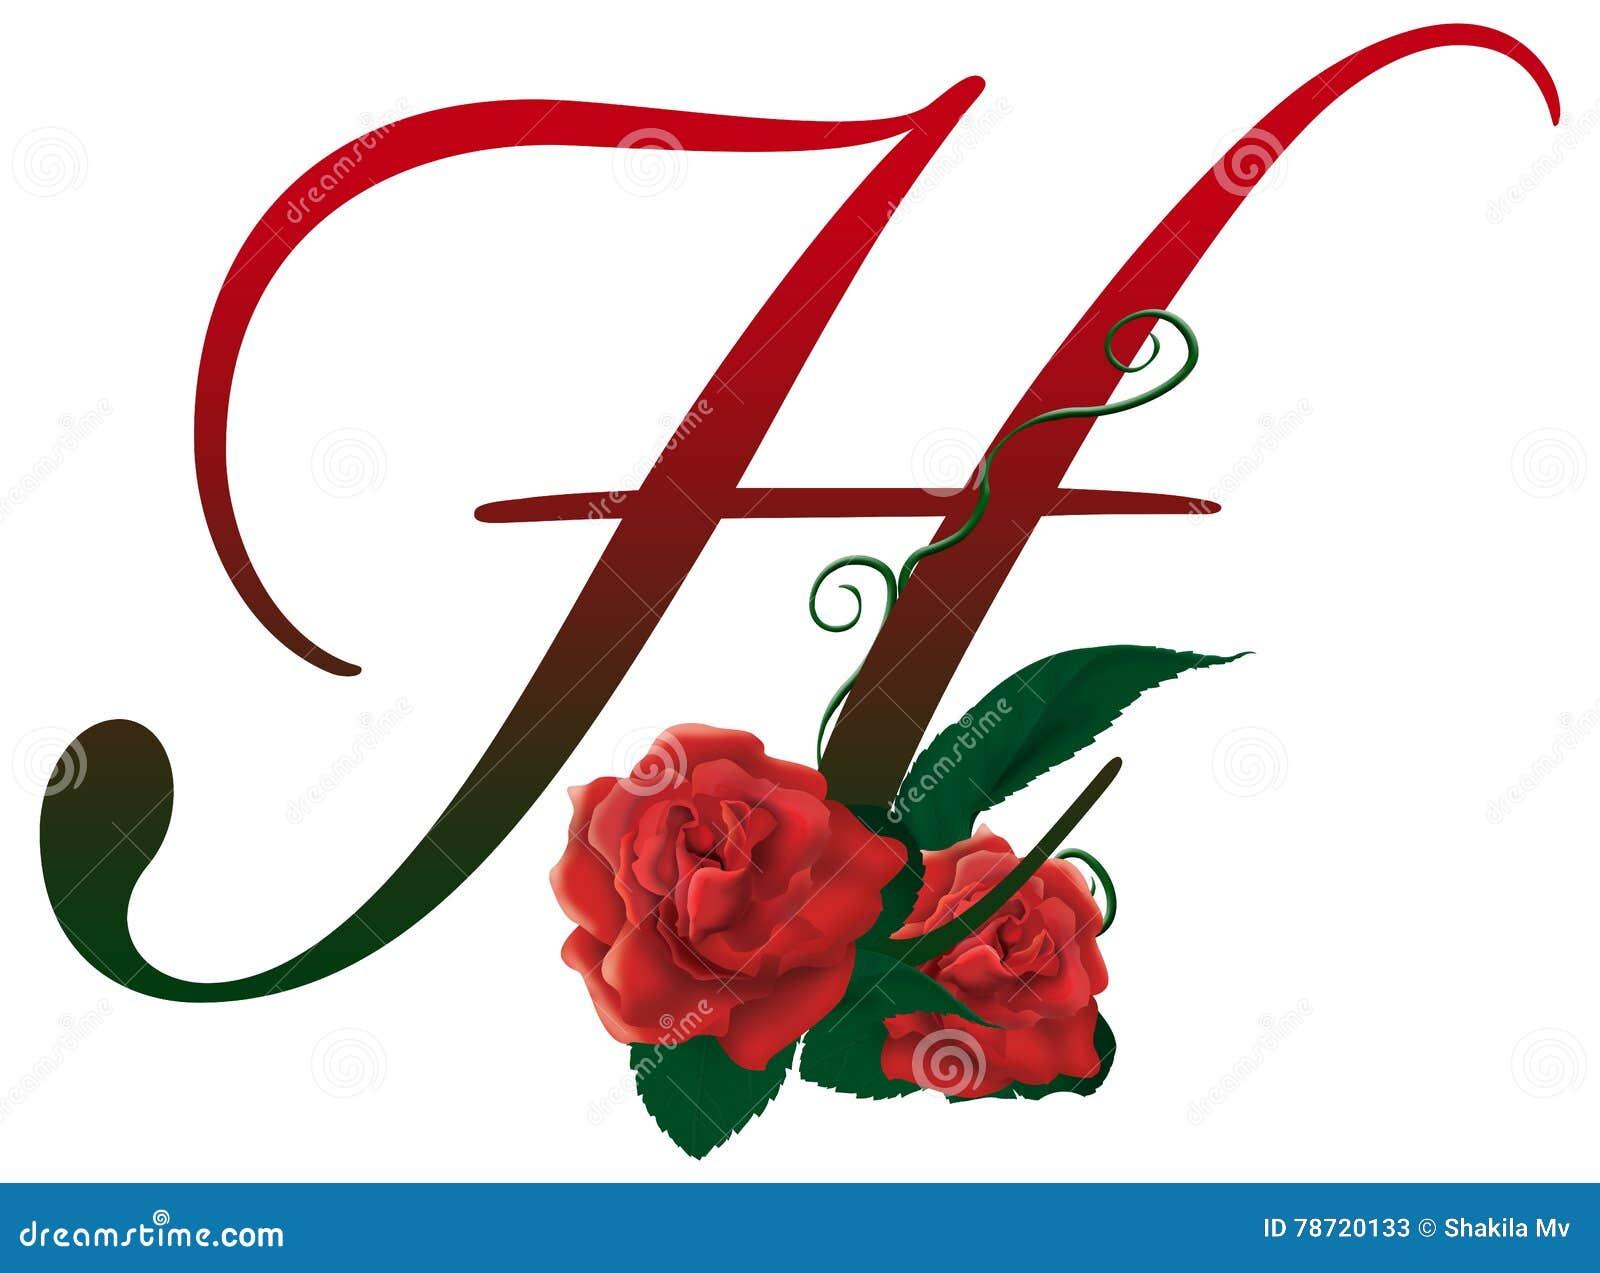 H Letter Images.Letter H Red Floral Illustration Stock Image Illustration Of